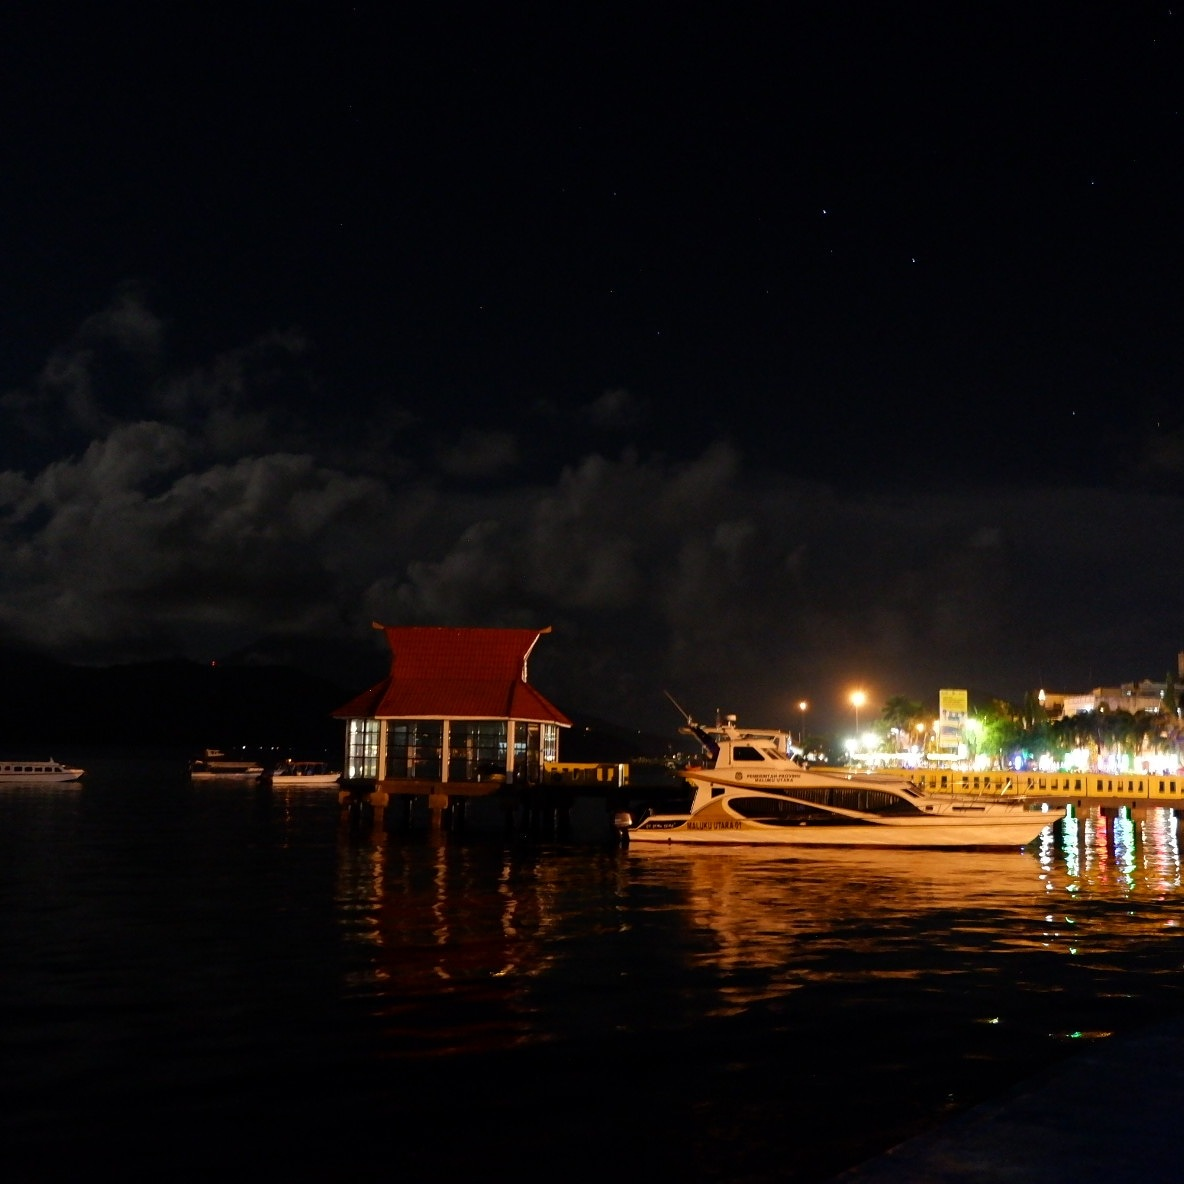 Falajawa beach by sambalroawardah